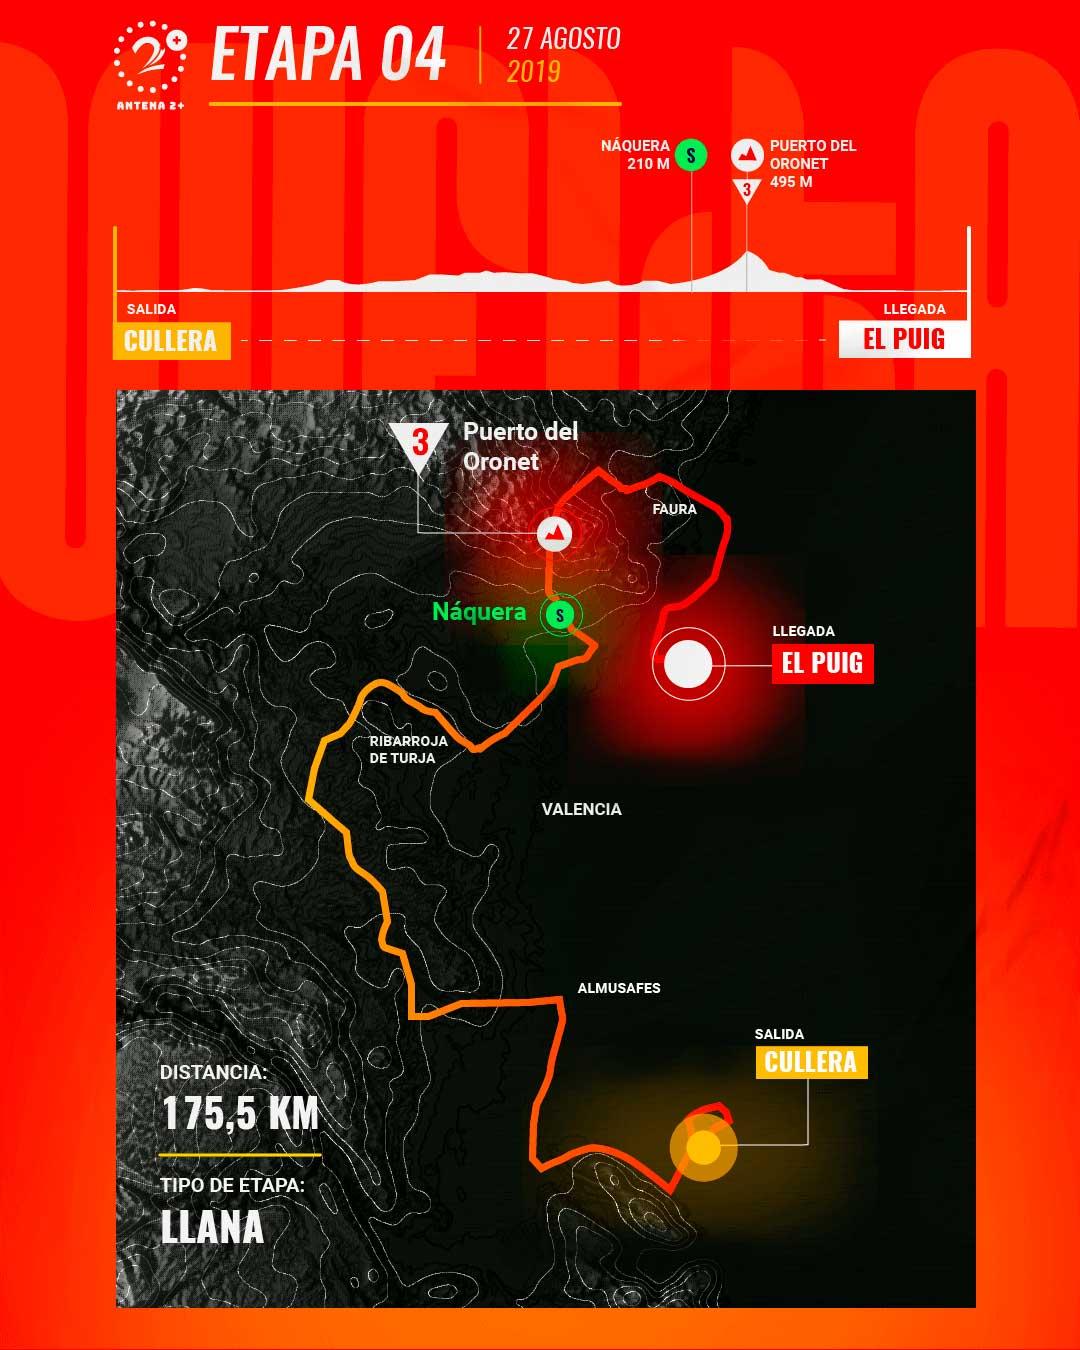 Etapa 4, Vuelta a España 2019